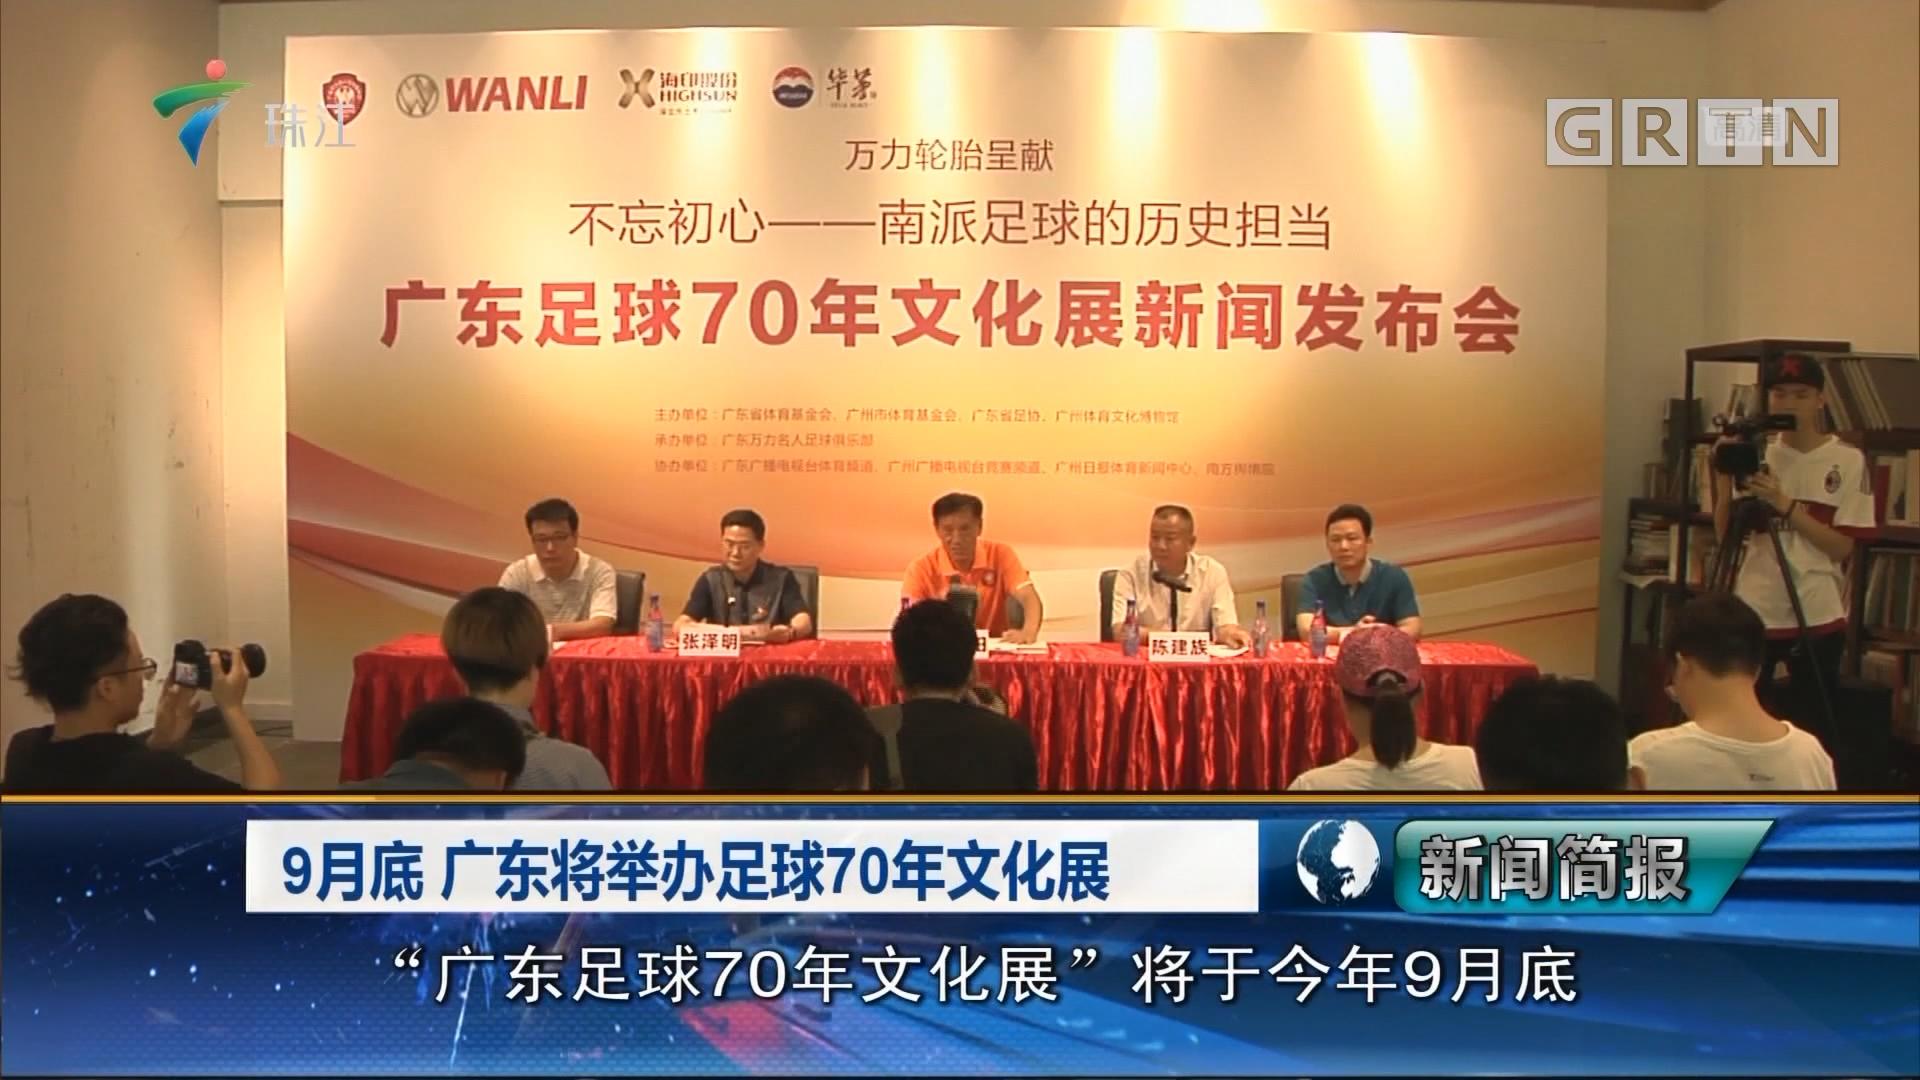 9月底 广东将举办足球70年文化展